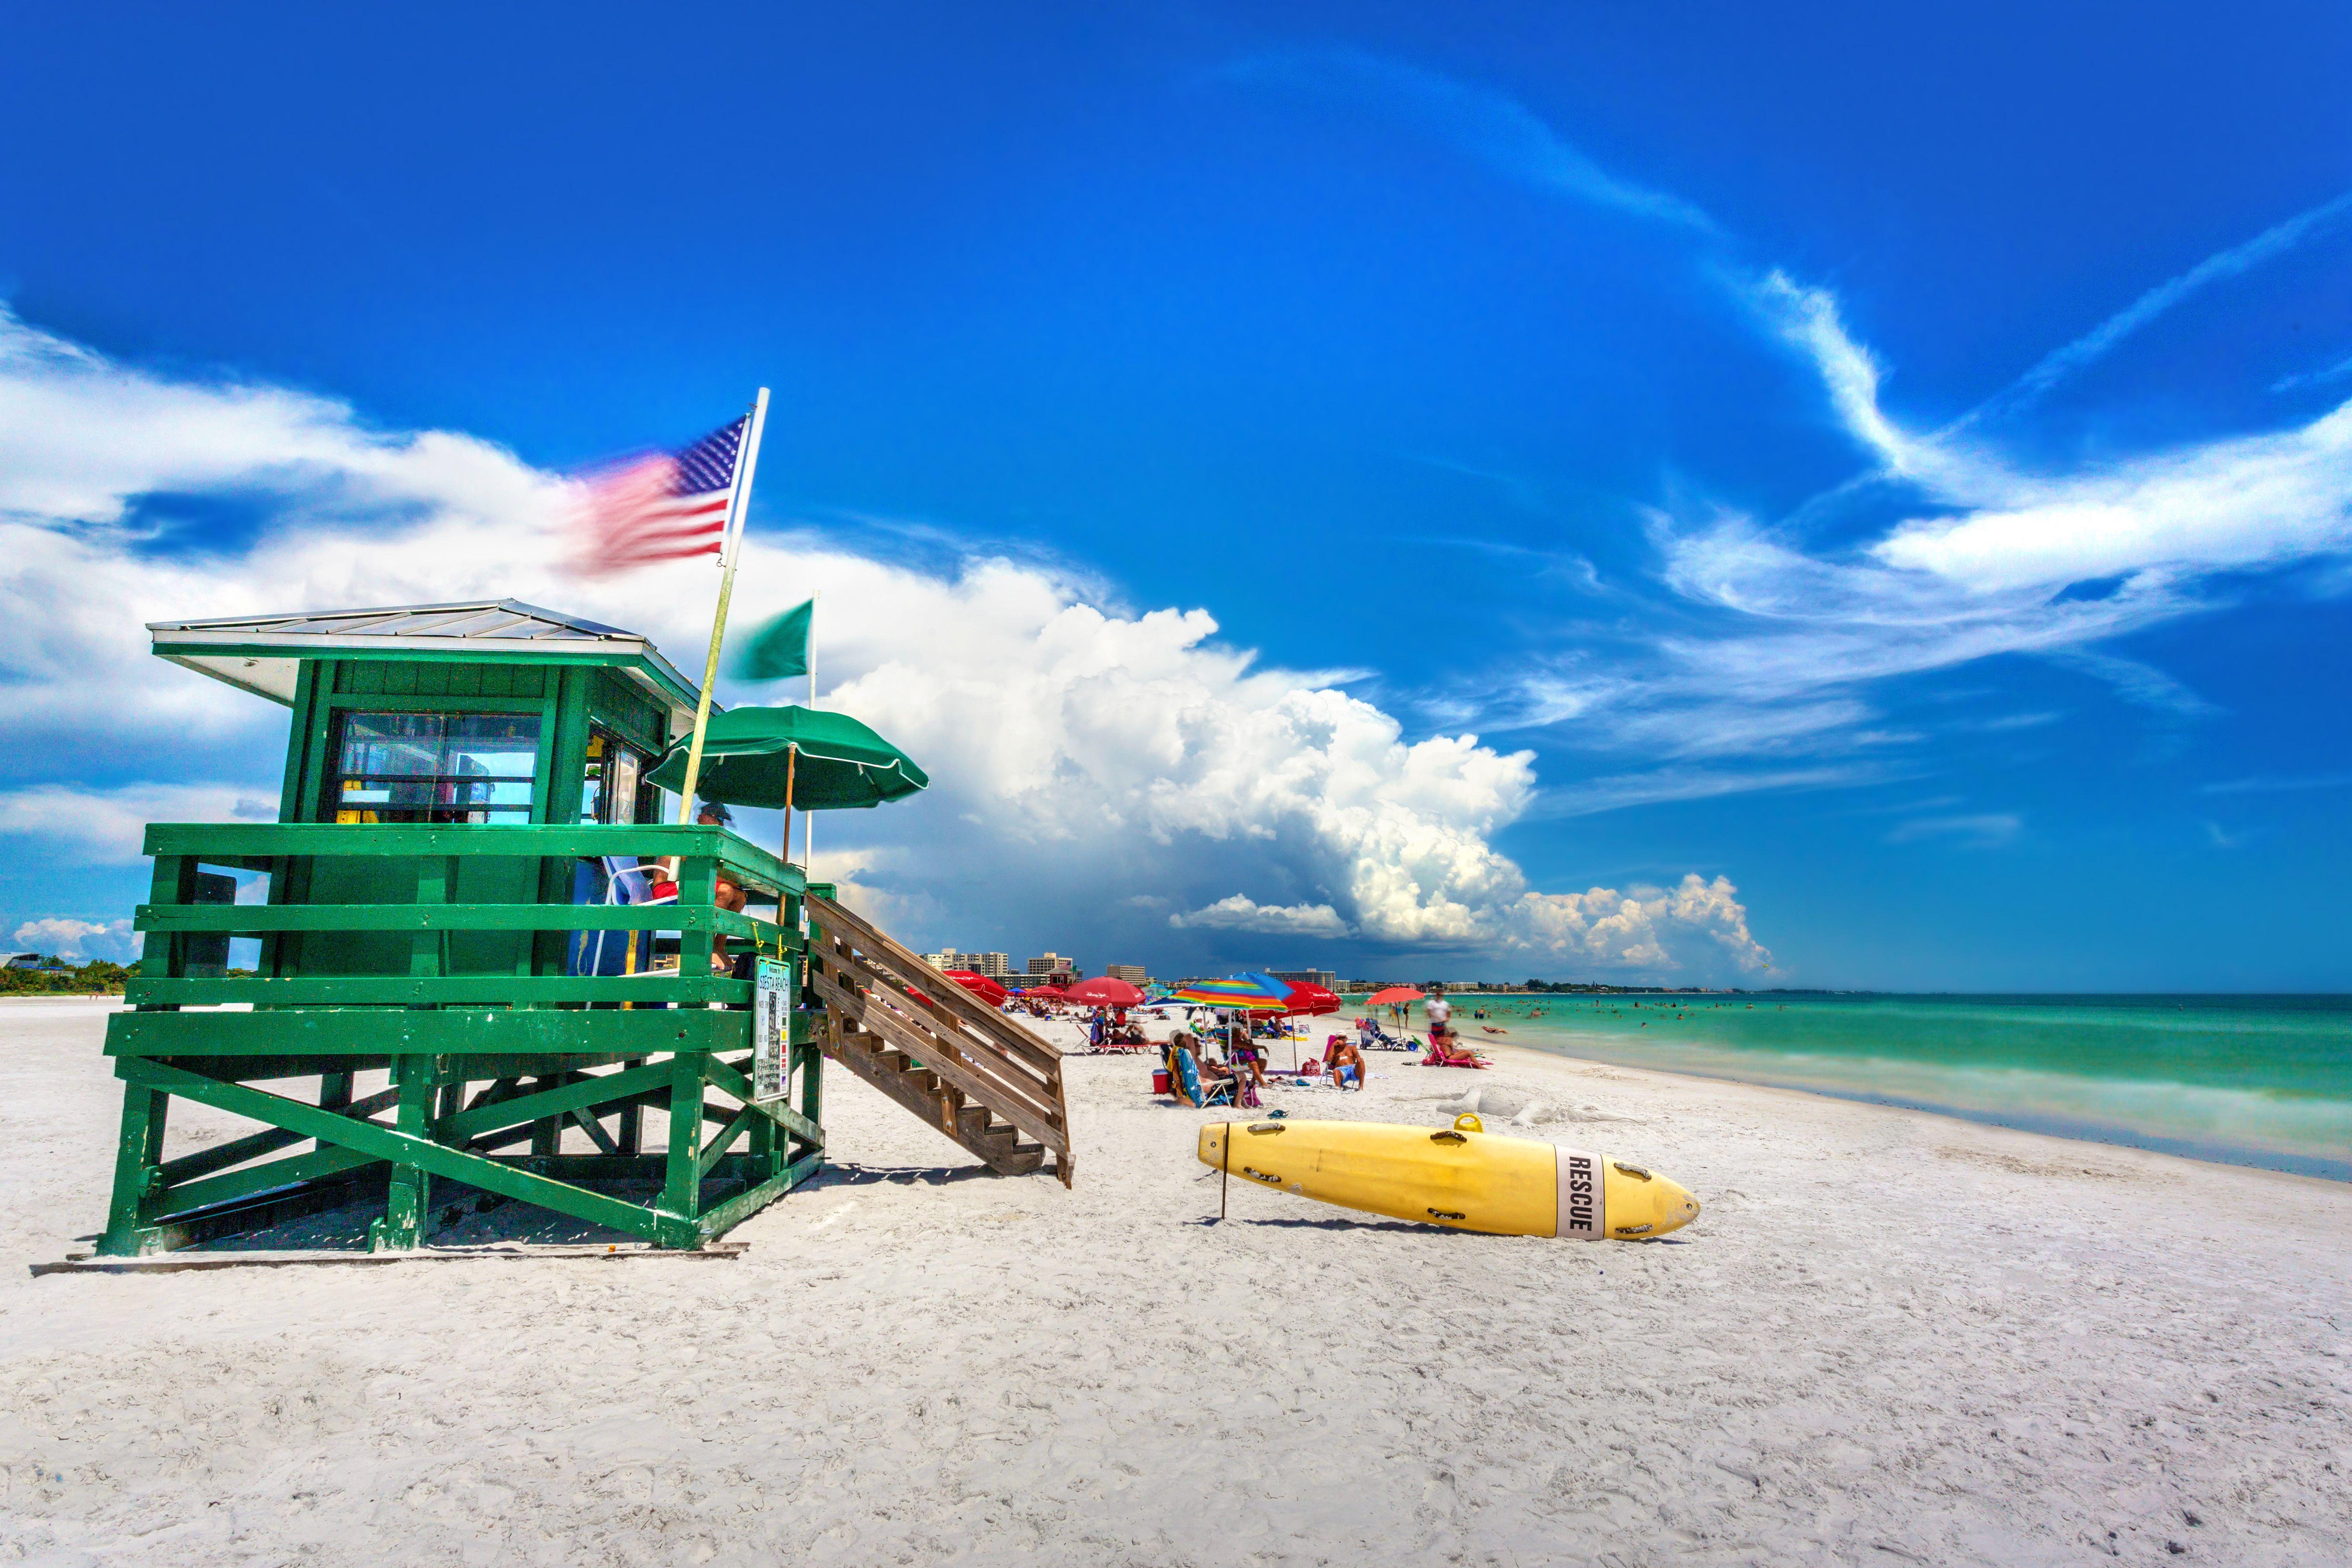 Casa y playa de la Guardia Costera, Siesta Key, Sarasota, Florida, EE. UU.